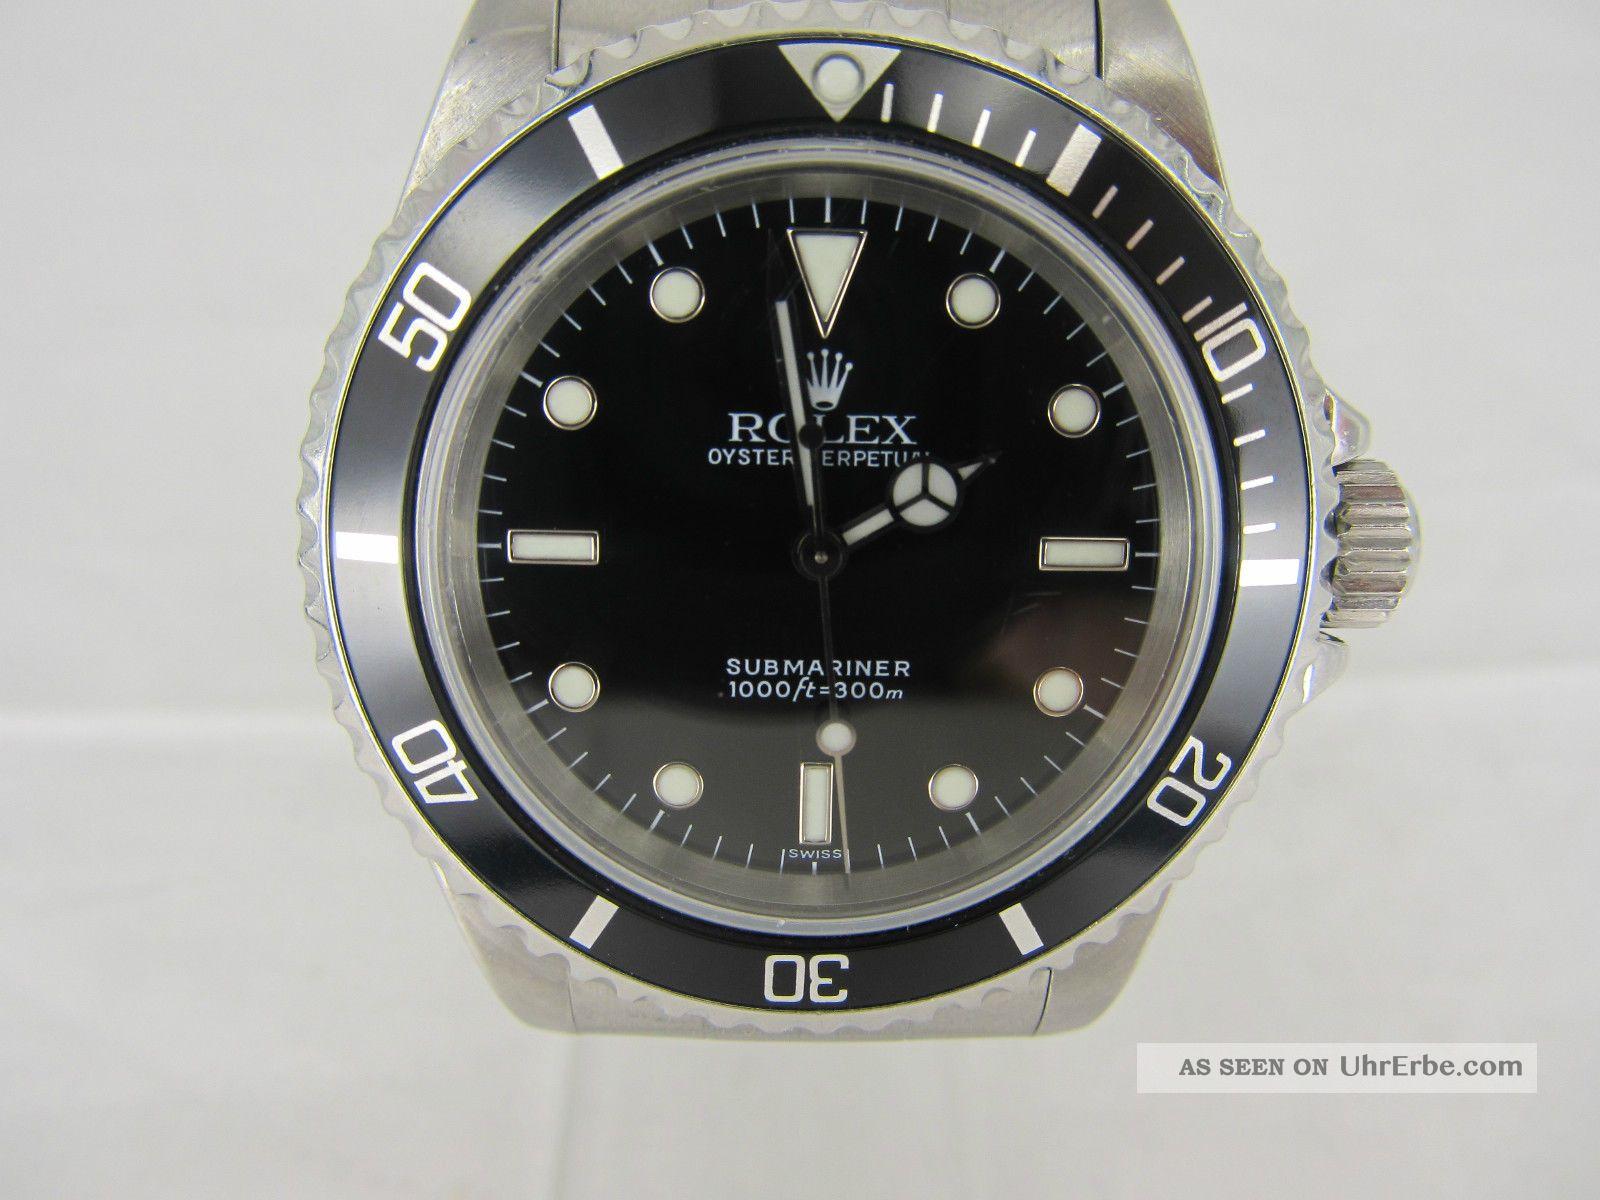 Rolex Submariner Ref: 14060 No - Date Automatik Von 1997/1998 Armbanduhren Bild